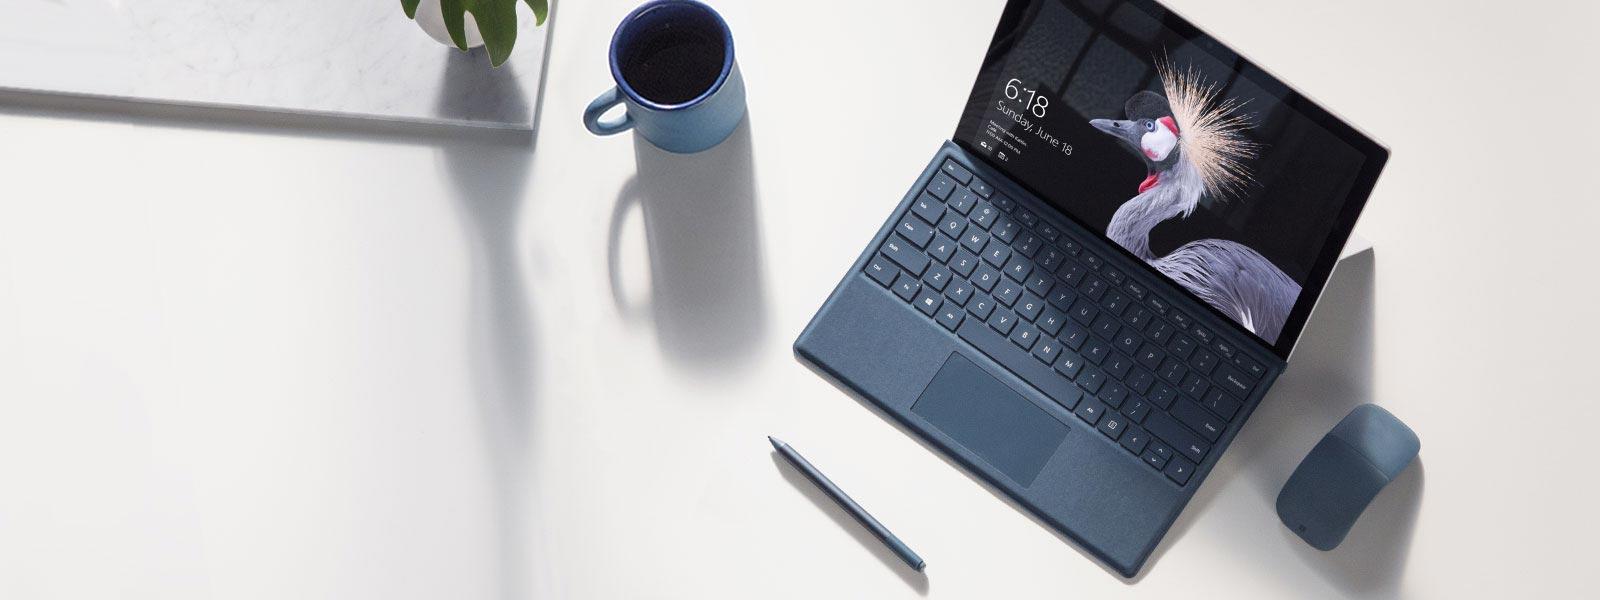 Surface Pro บนโต๊ะ